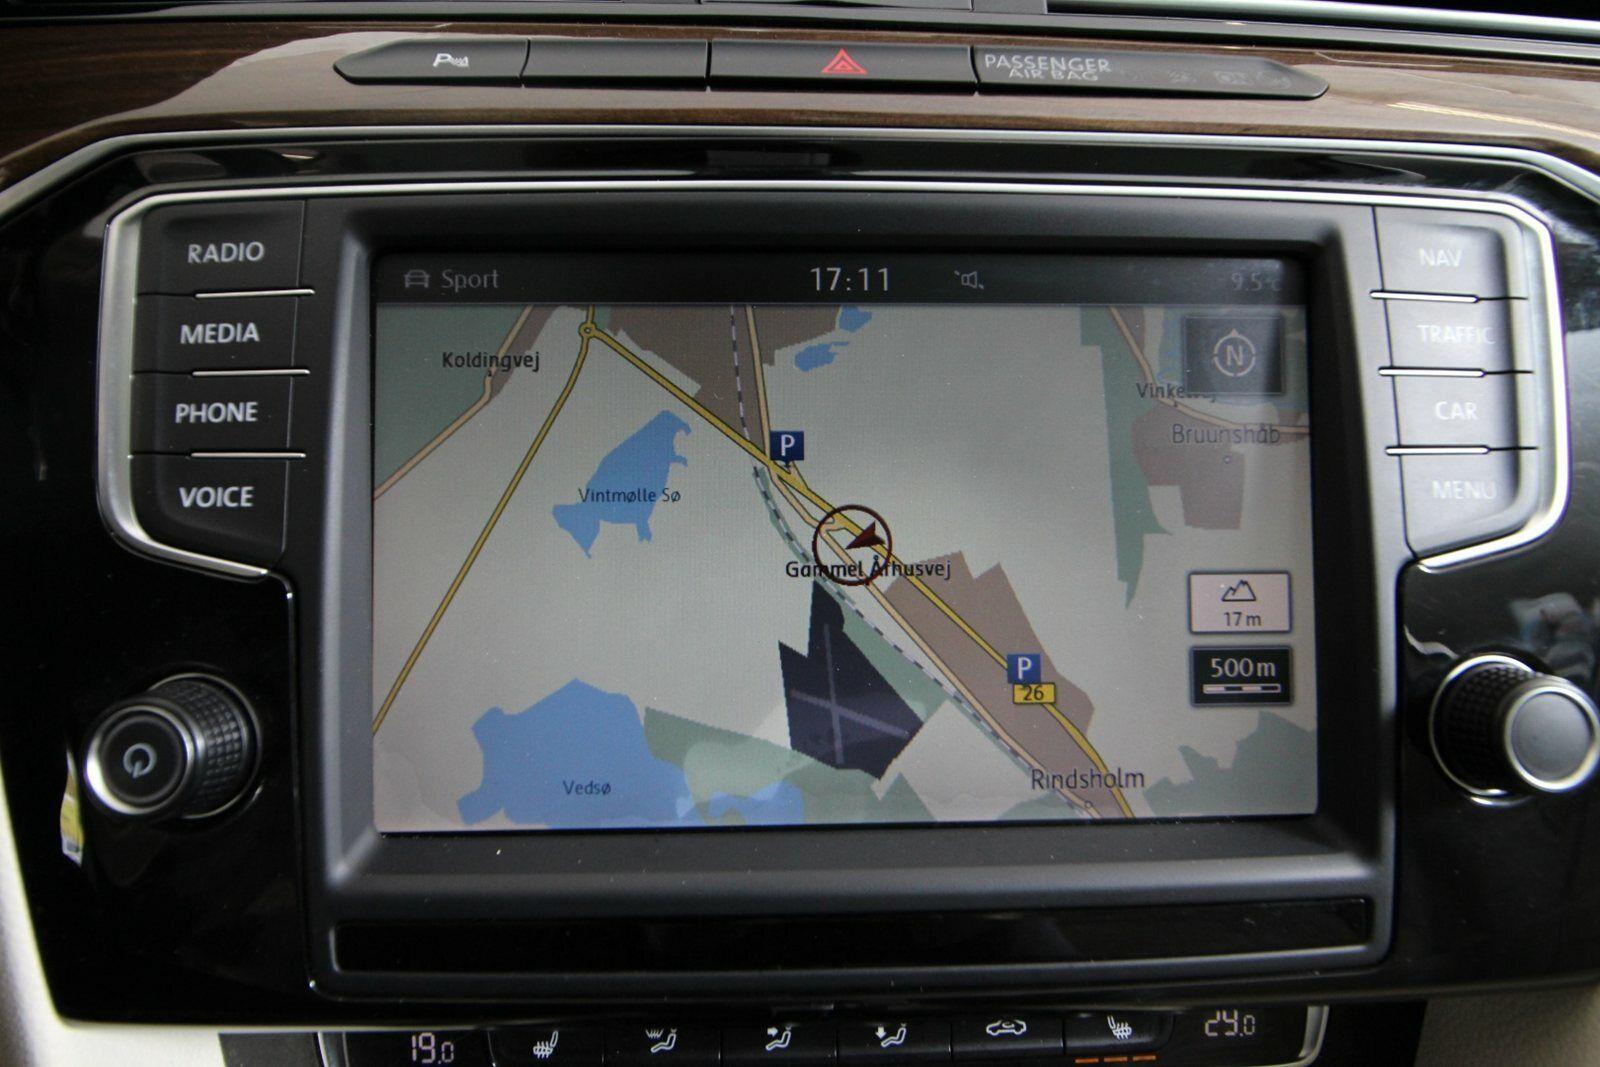 VW Passat TDi 240 Highl. Vari. DSG 4M